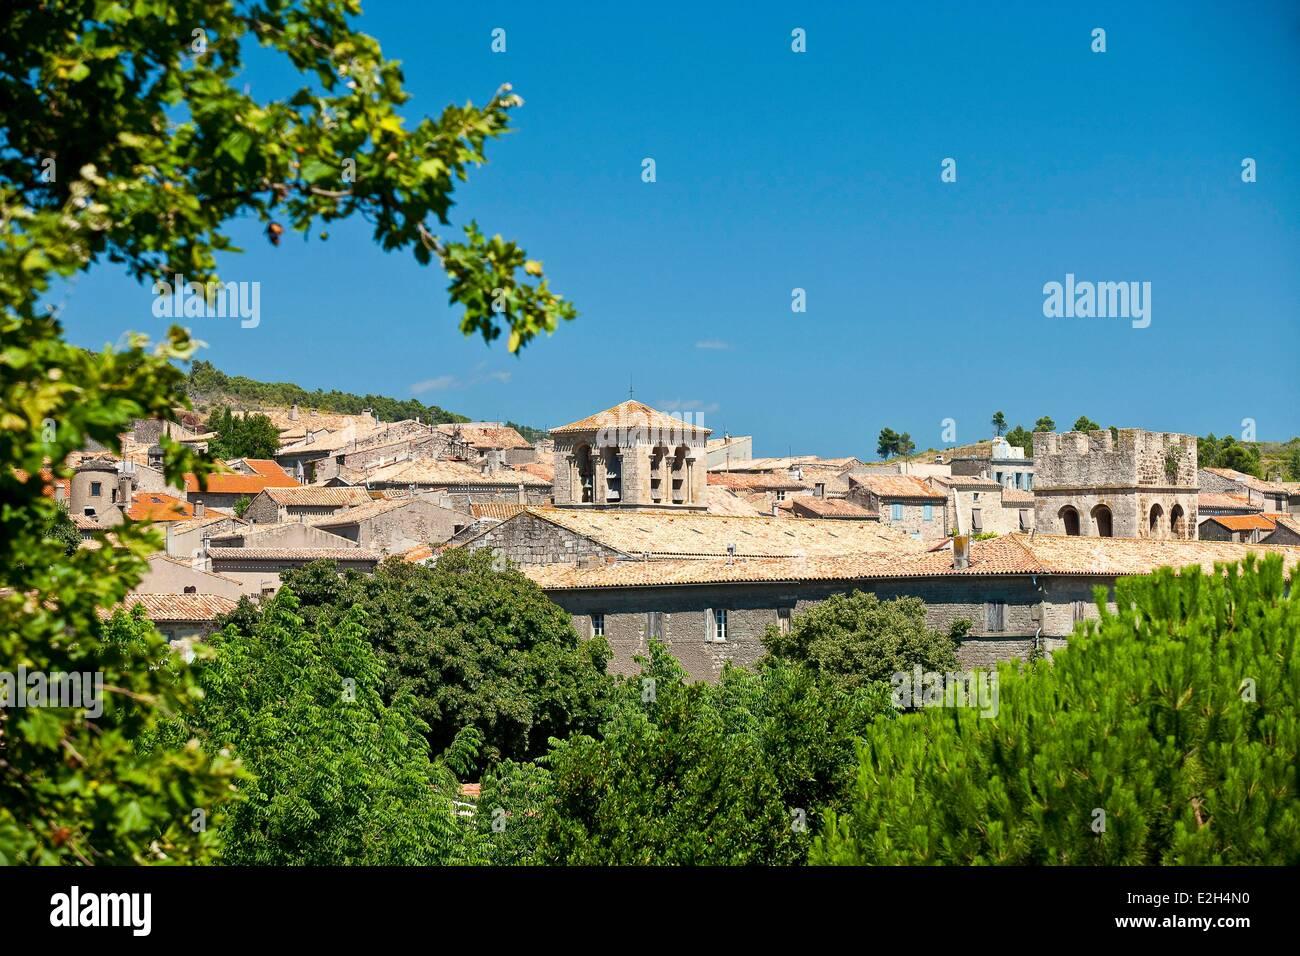 France Aude Caunes Minervois abbaye bénédictine fondée en 780 Photo Stock